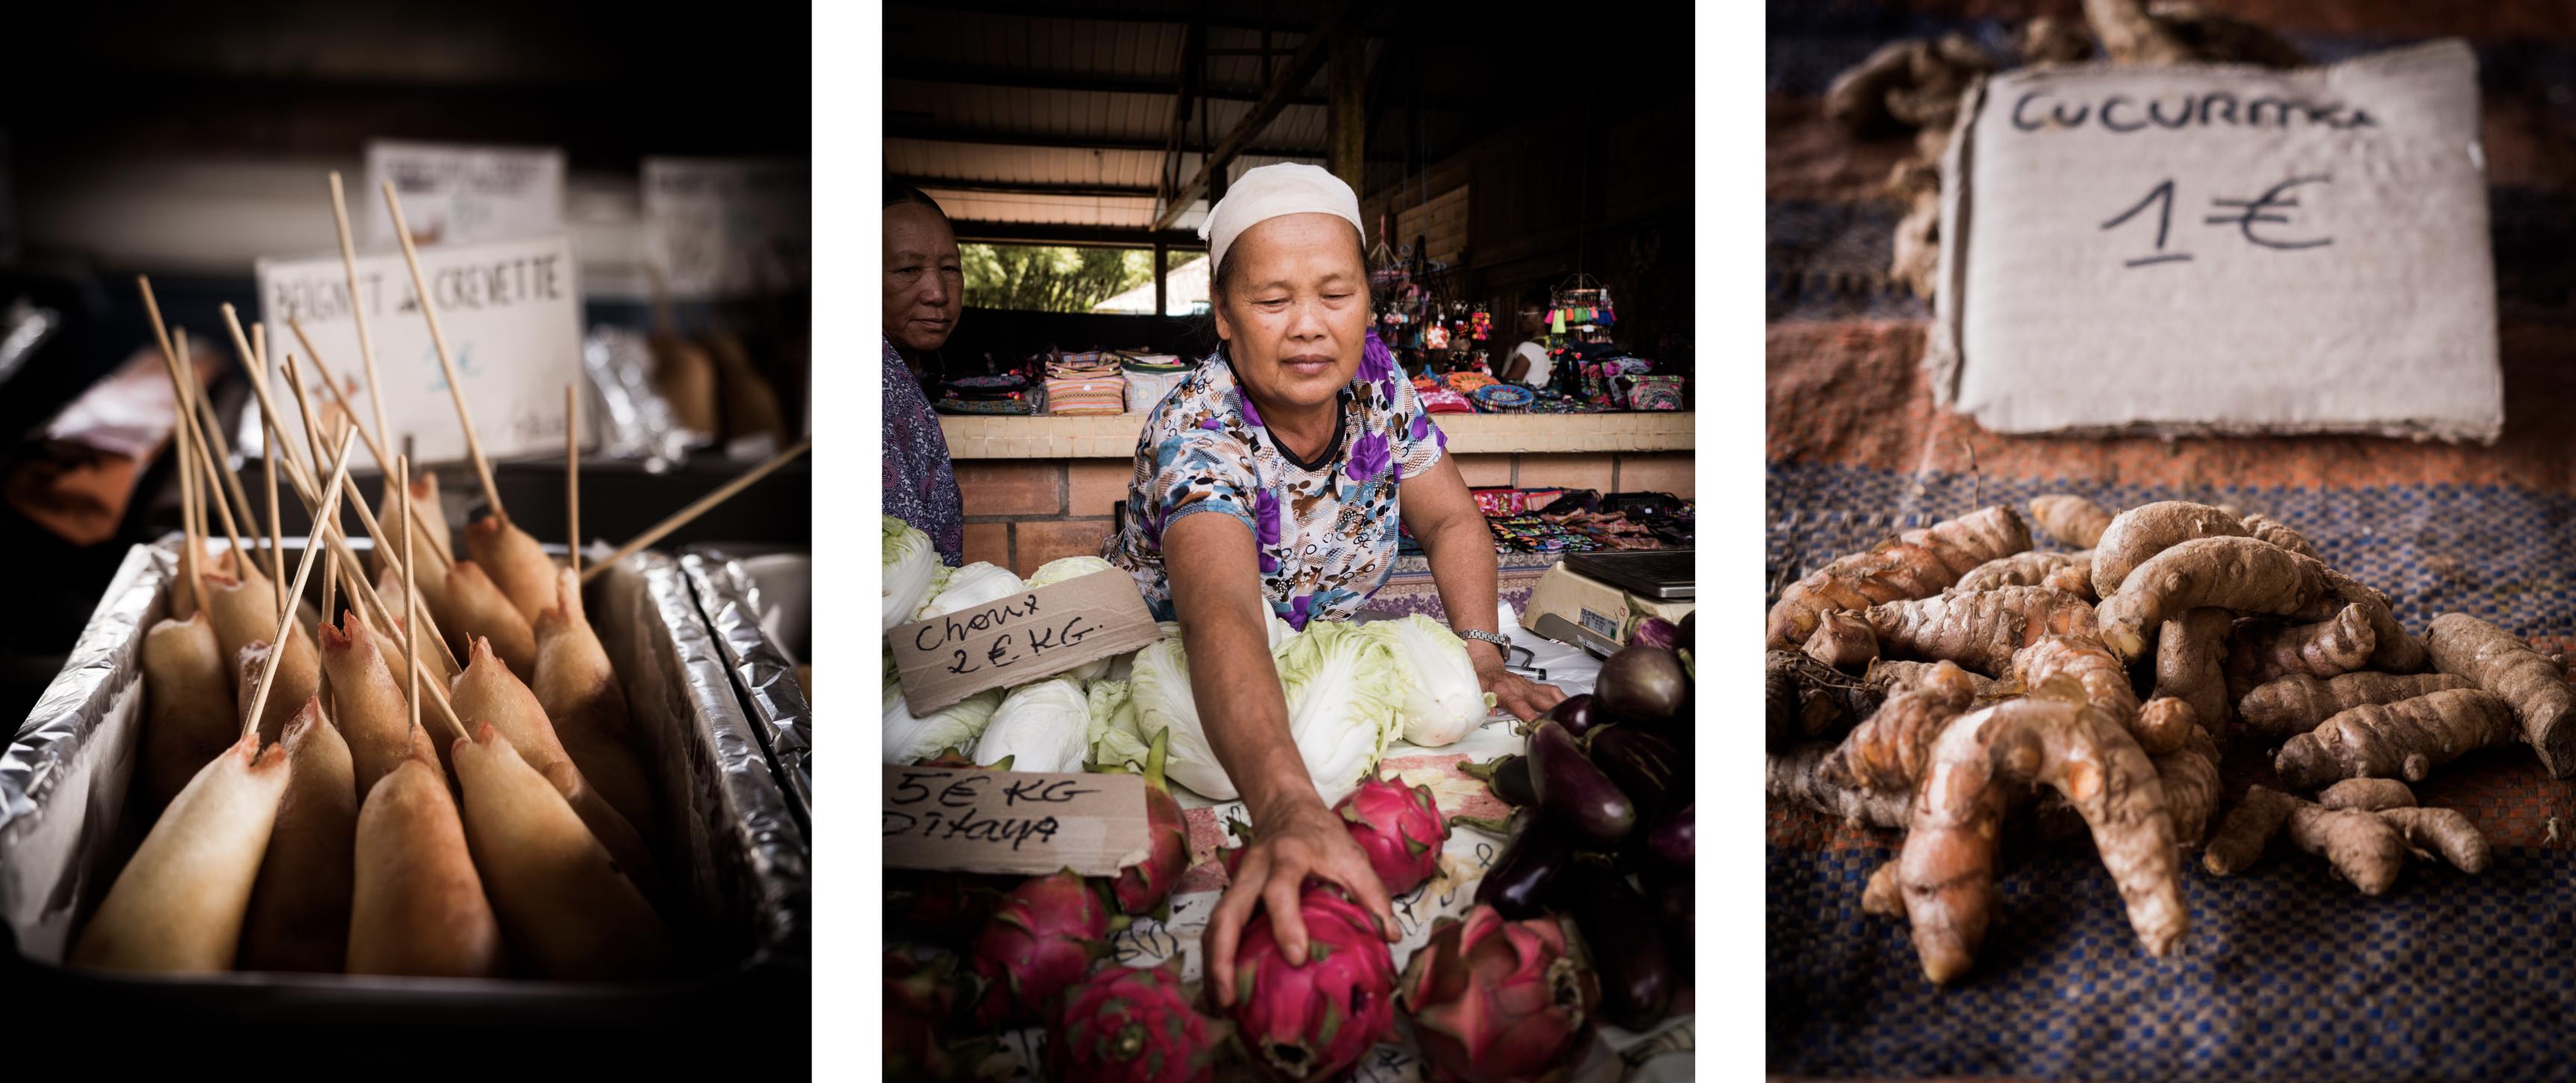 découvrir la Guyane - village Hmong en Guyane - dimanche à cacao - marché Hmong